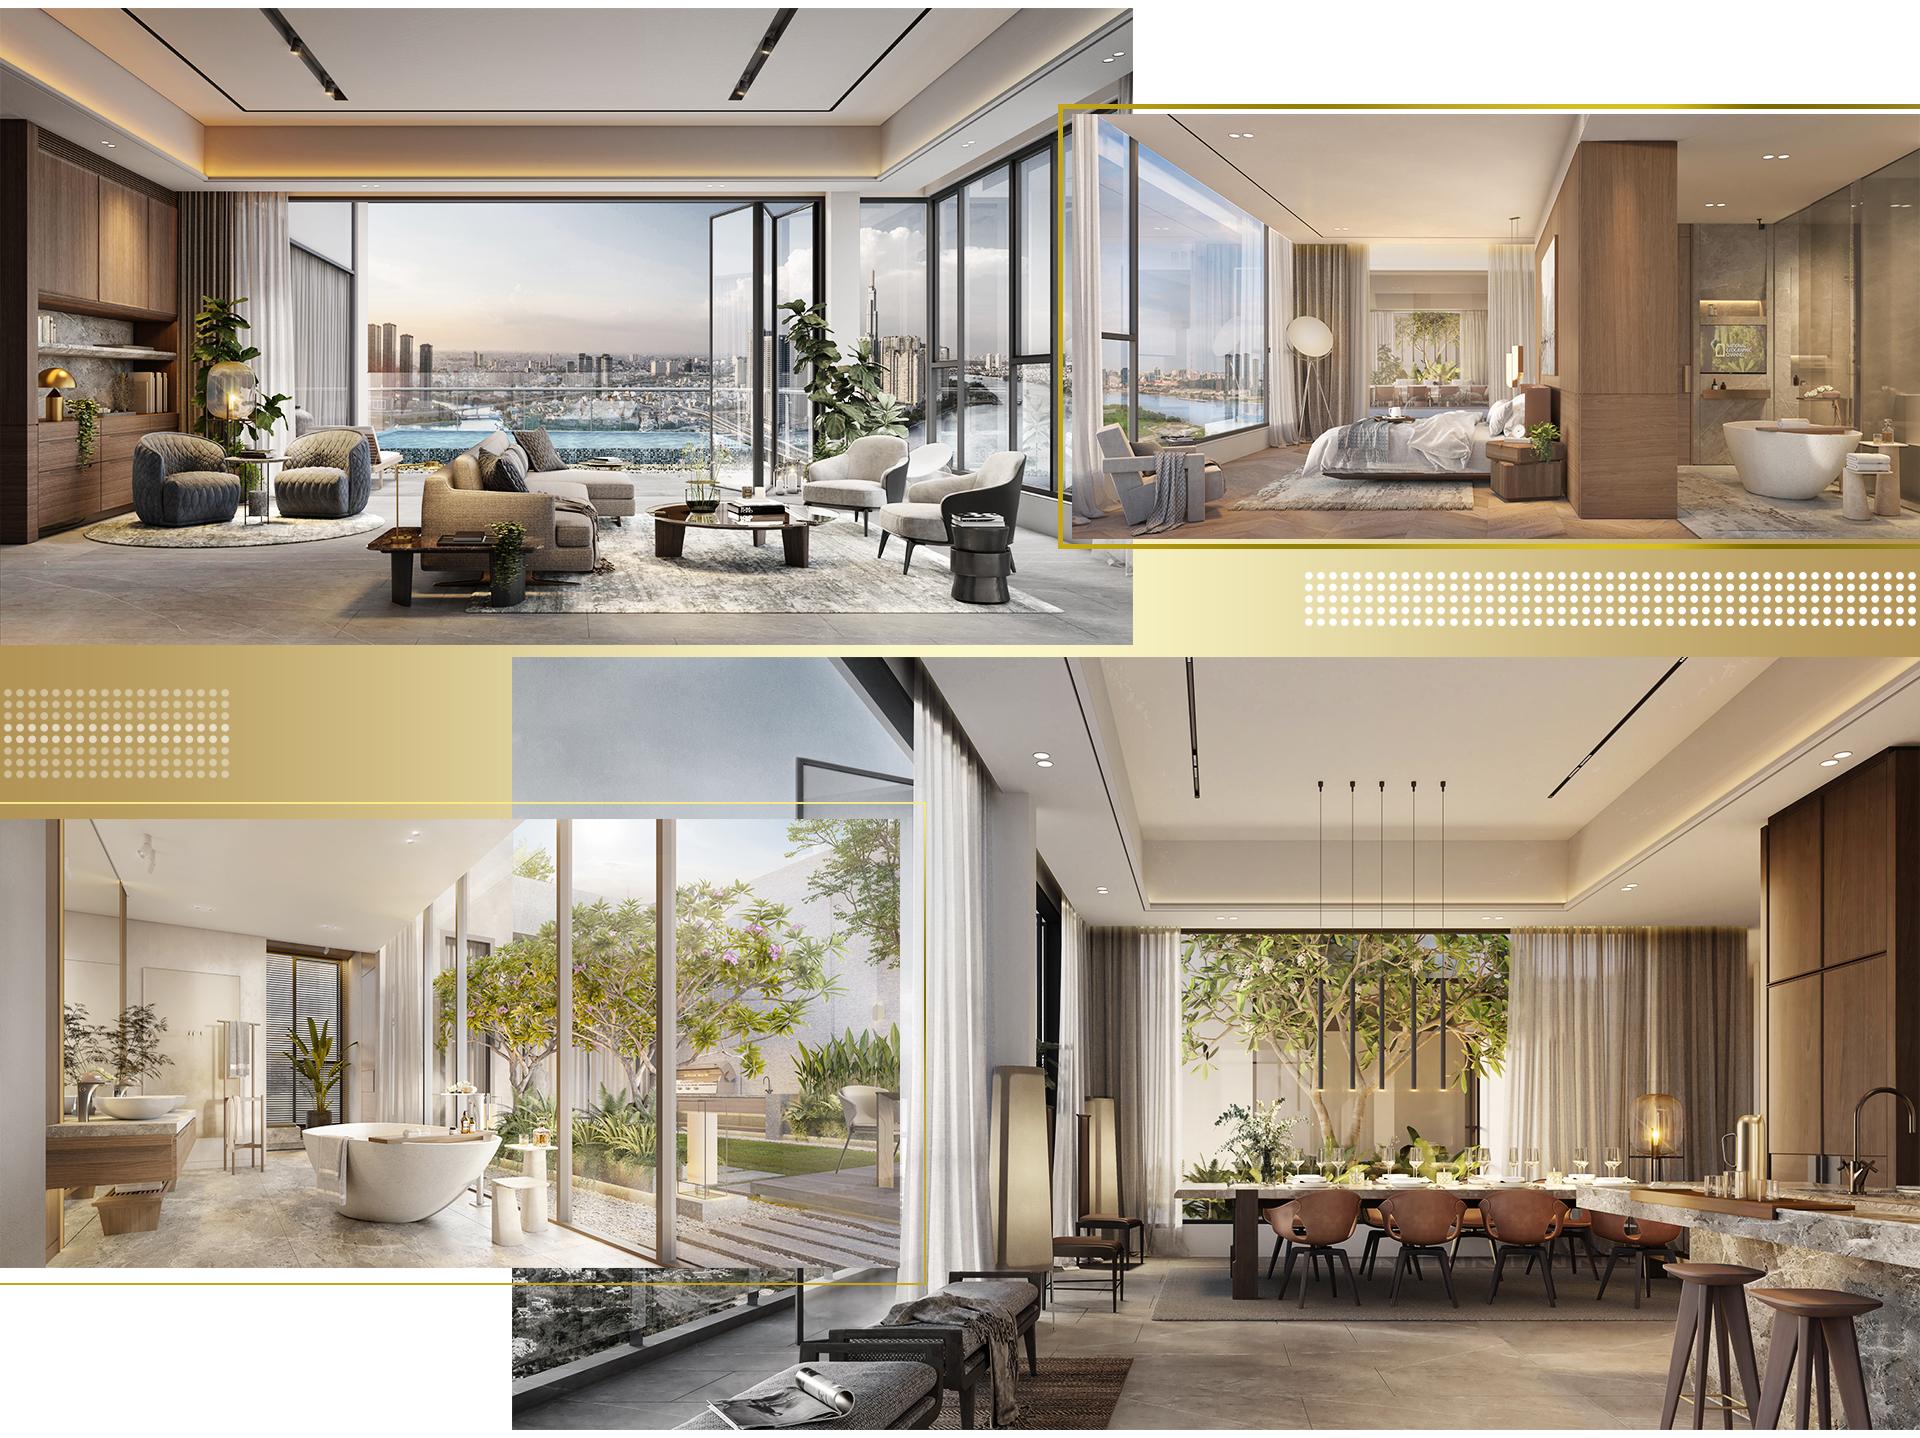 Trải nghiệm khác biệt tại penthouse ven sông Sài Gòn 8